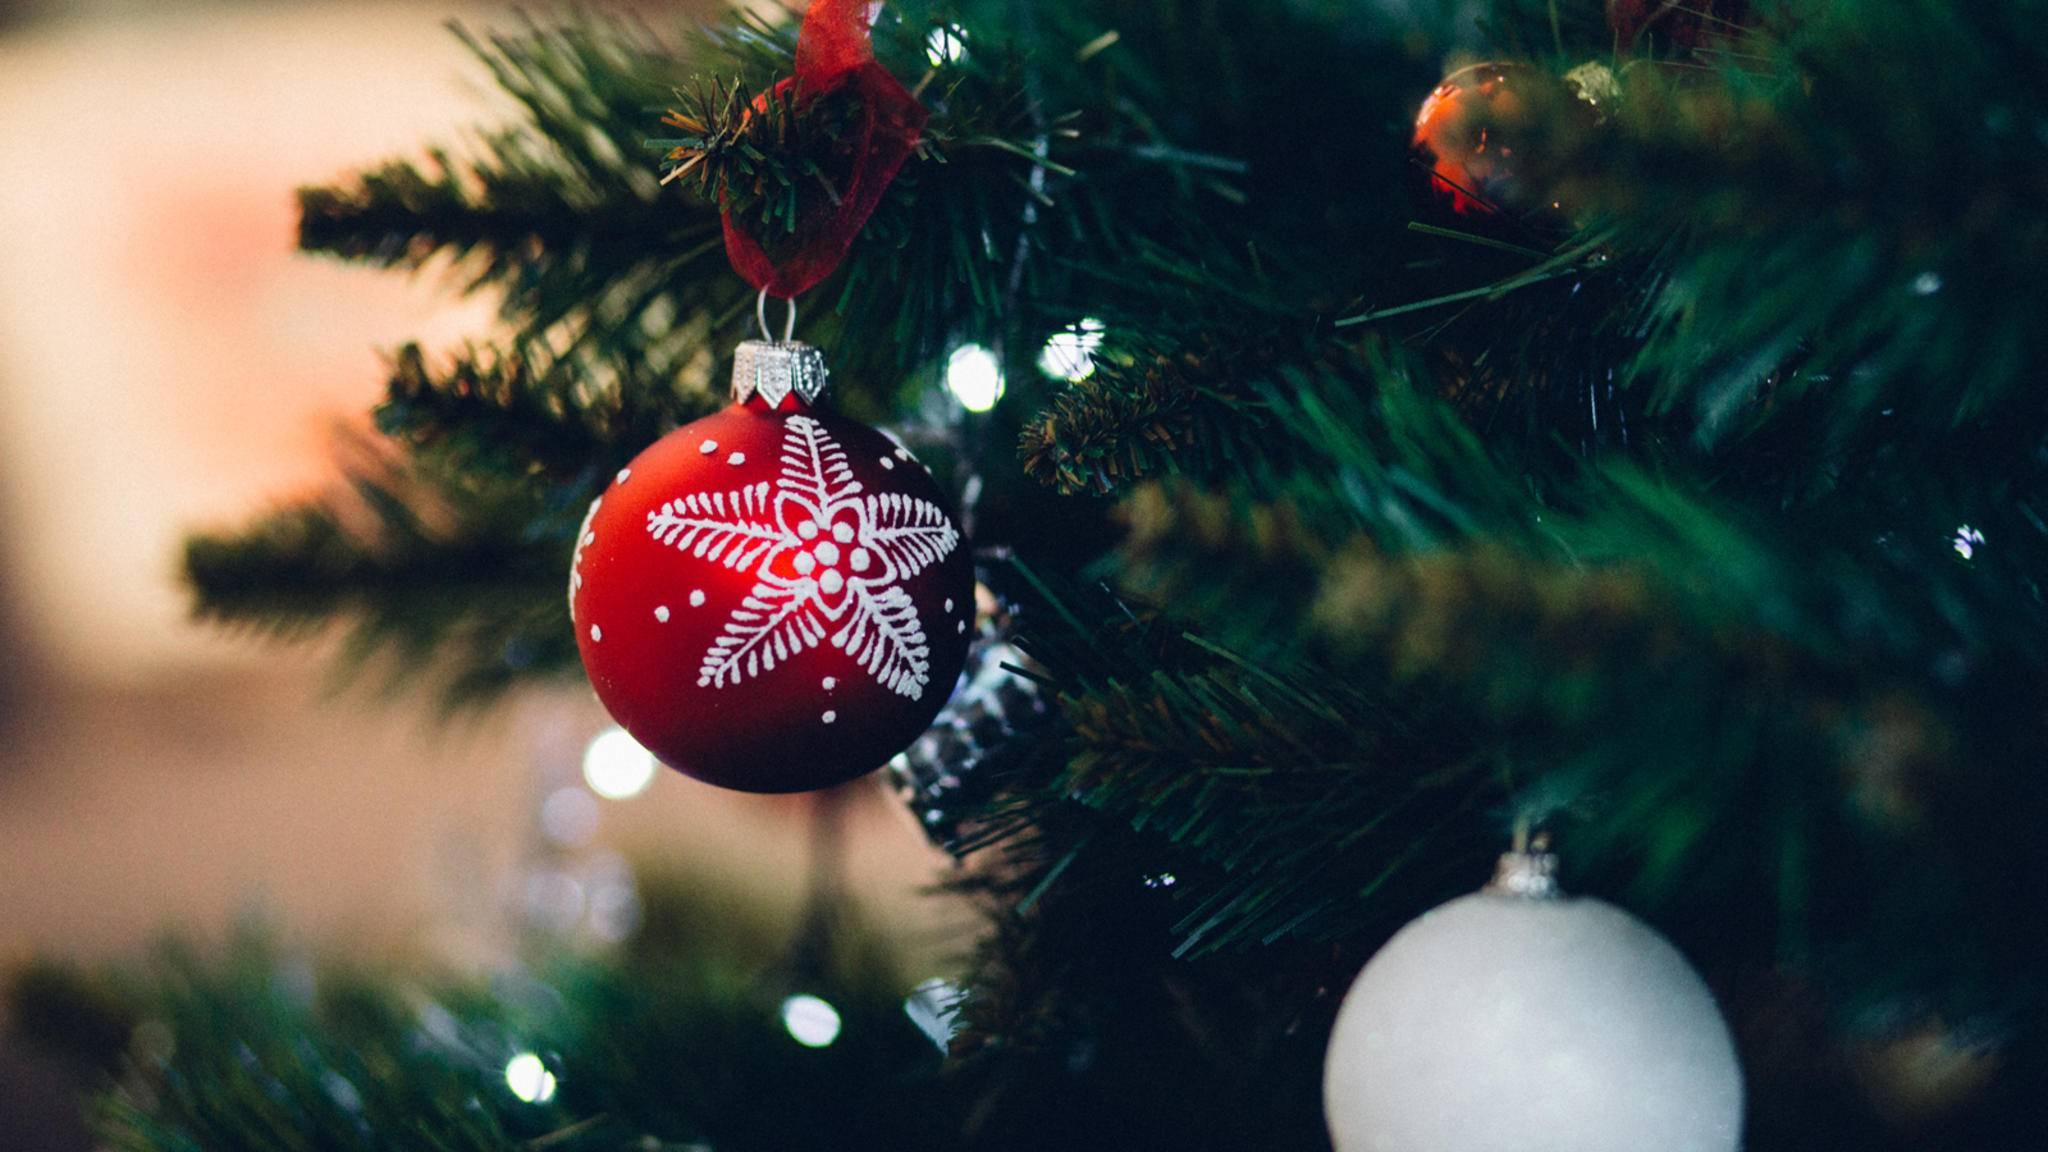 Unter dem Tannenbaum wird zu Weihnachten gerne gesungen – doch nicht alle bekannten Weihnachtslieder handeln tatsächlich vom Fest der Liebe.